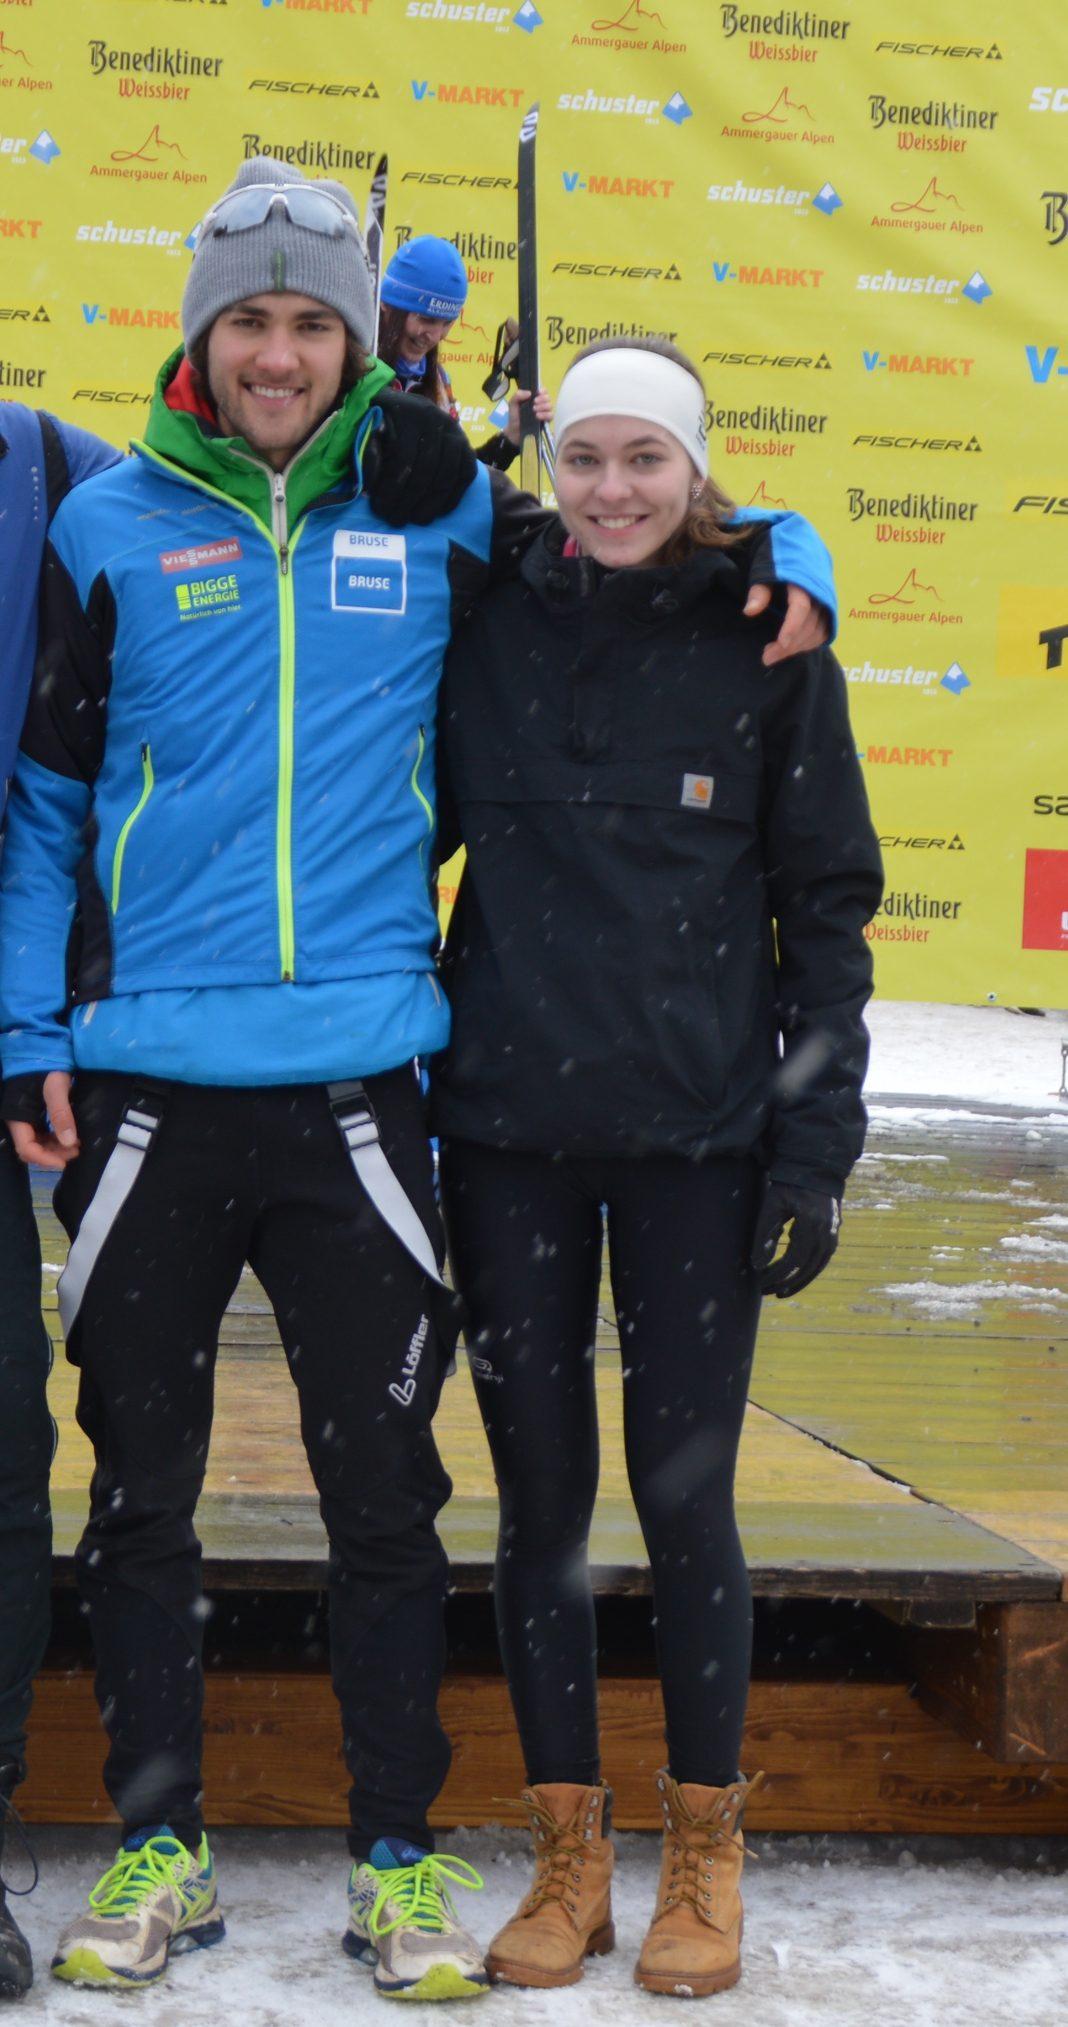 attendorner geschichten - skilanglauf selter